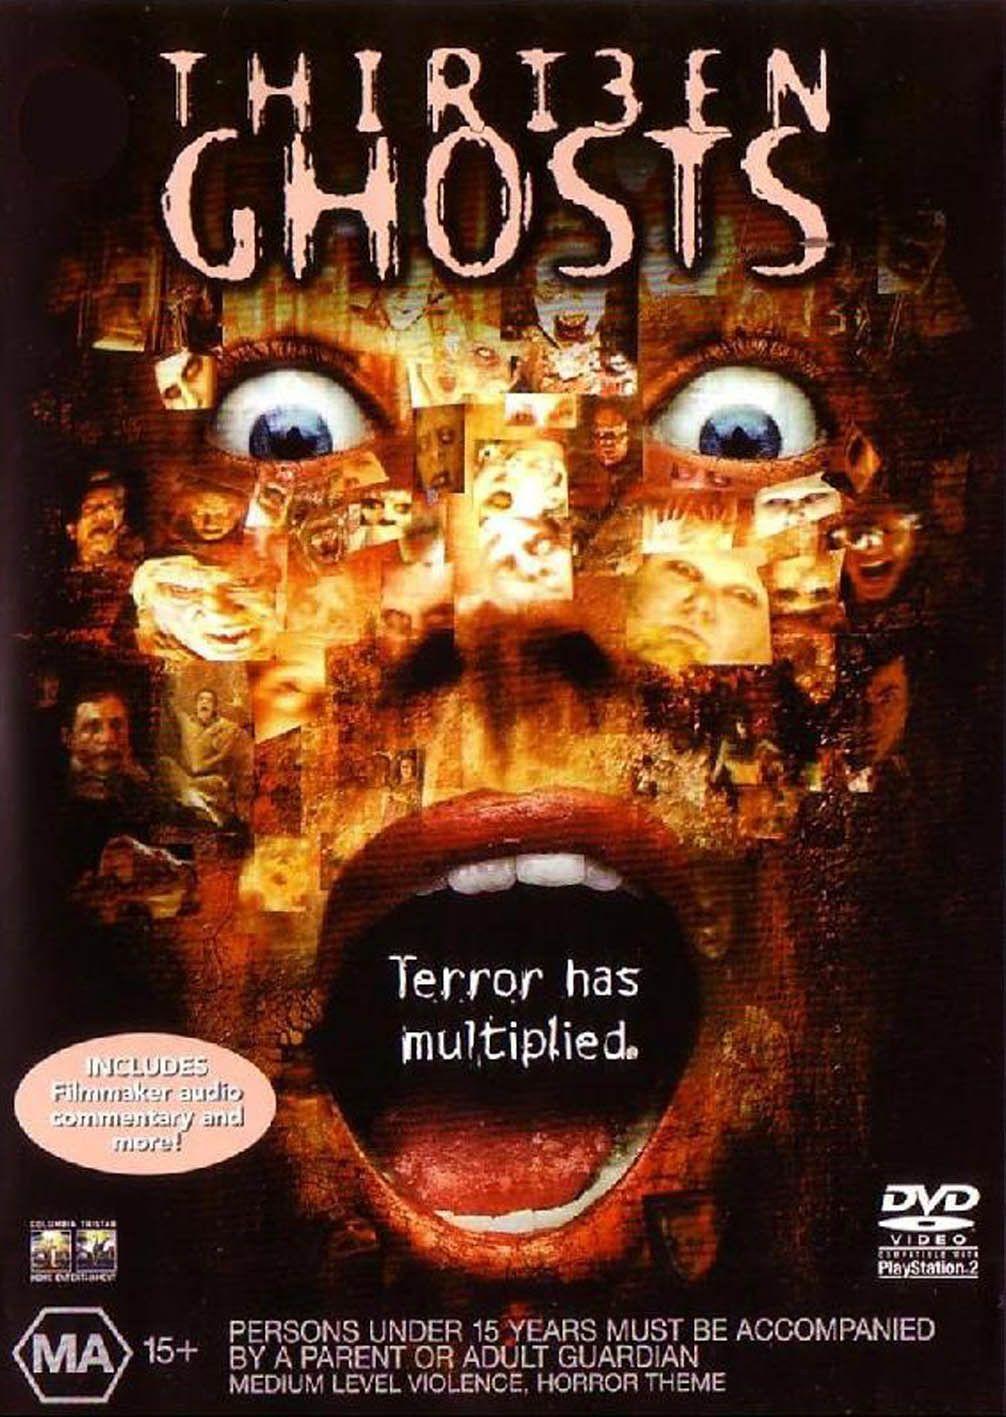 Thir13en Ghosts 2001 Josedueso Ghost Movies Full Movies Movies